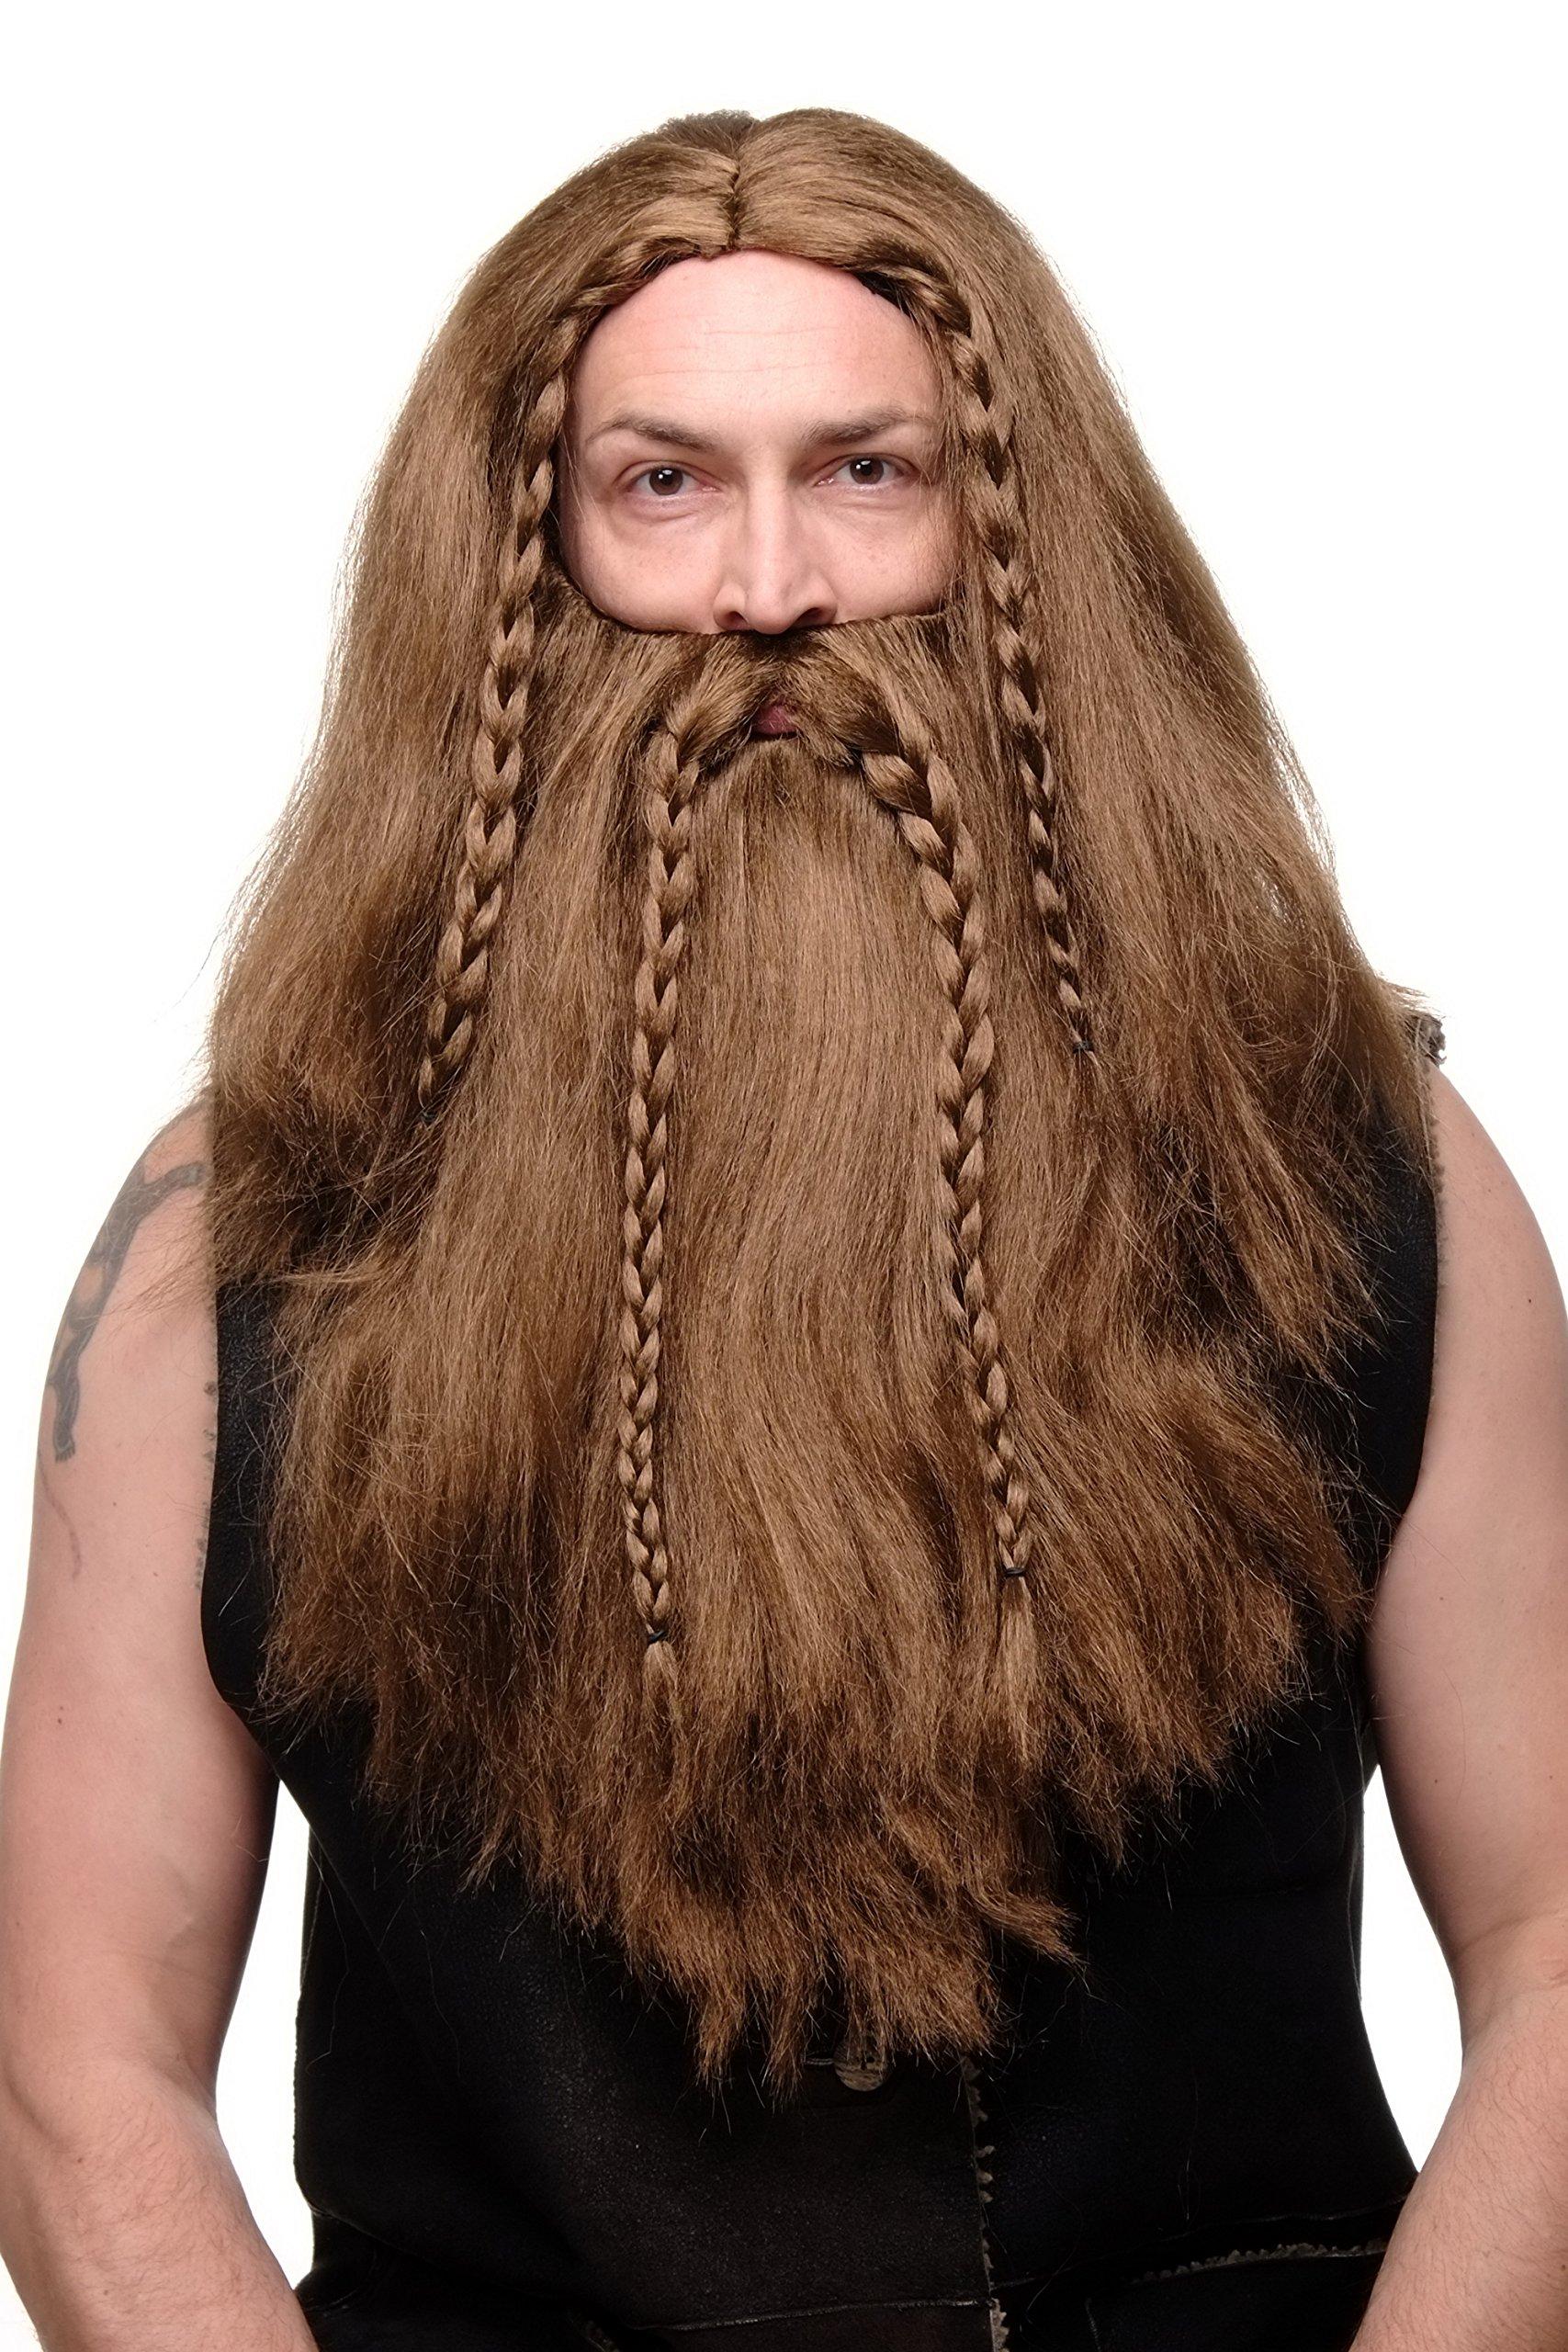 Wig Me Up – Peluca y barba para hombre, carnaval, vikingo, vikingo, enanito largo, trenzado, RJ033